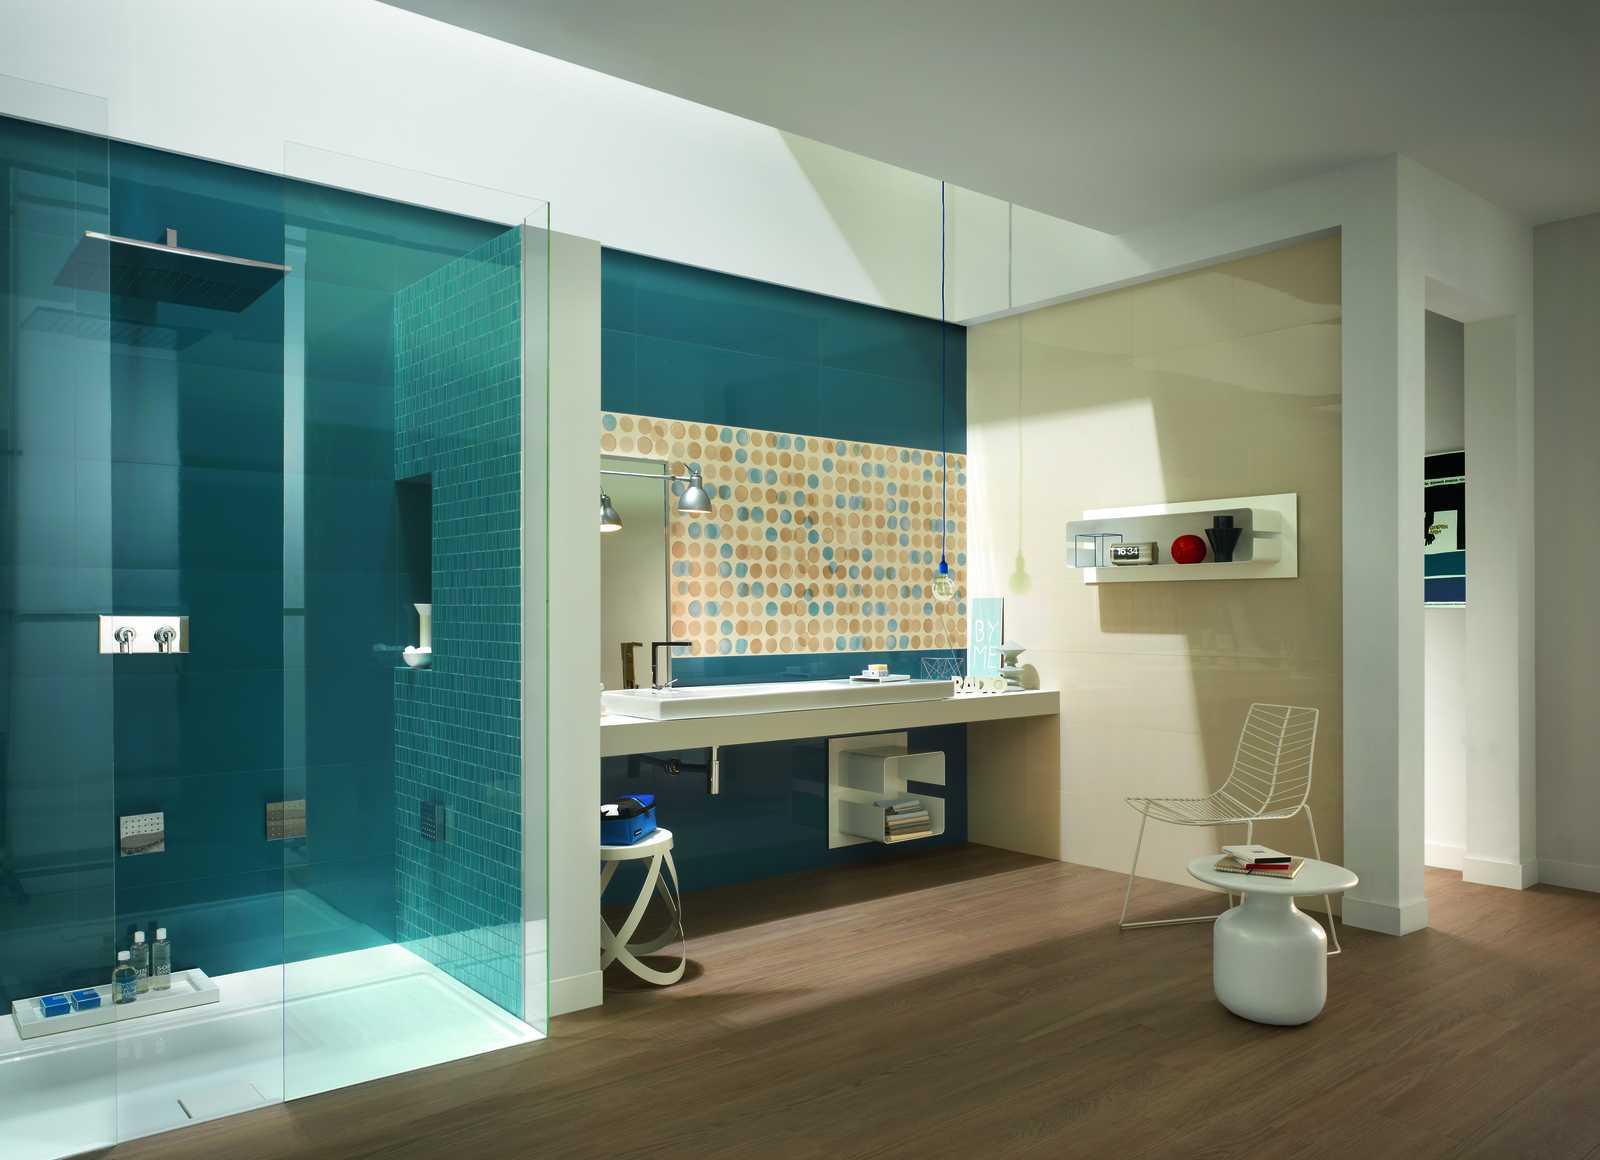 Badezimmer Badezimmer Blau Grau Badezimmer Blau Grau Deko Ideen, Badezimmer  Dekoo